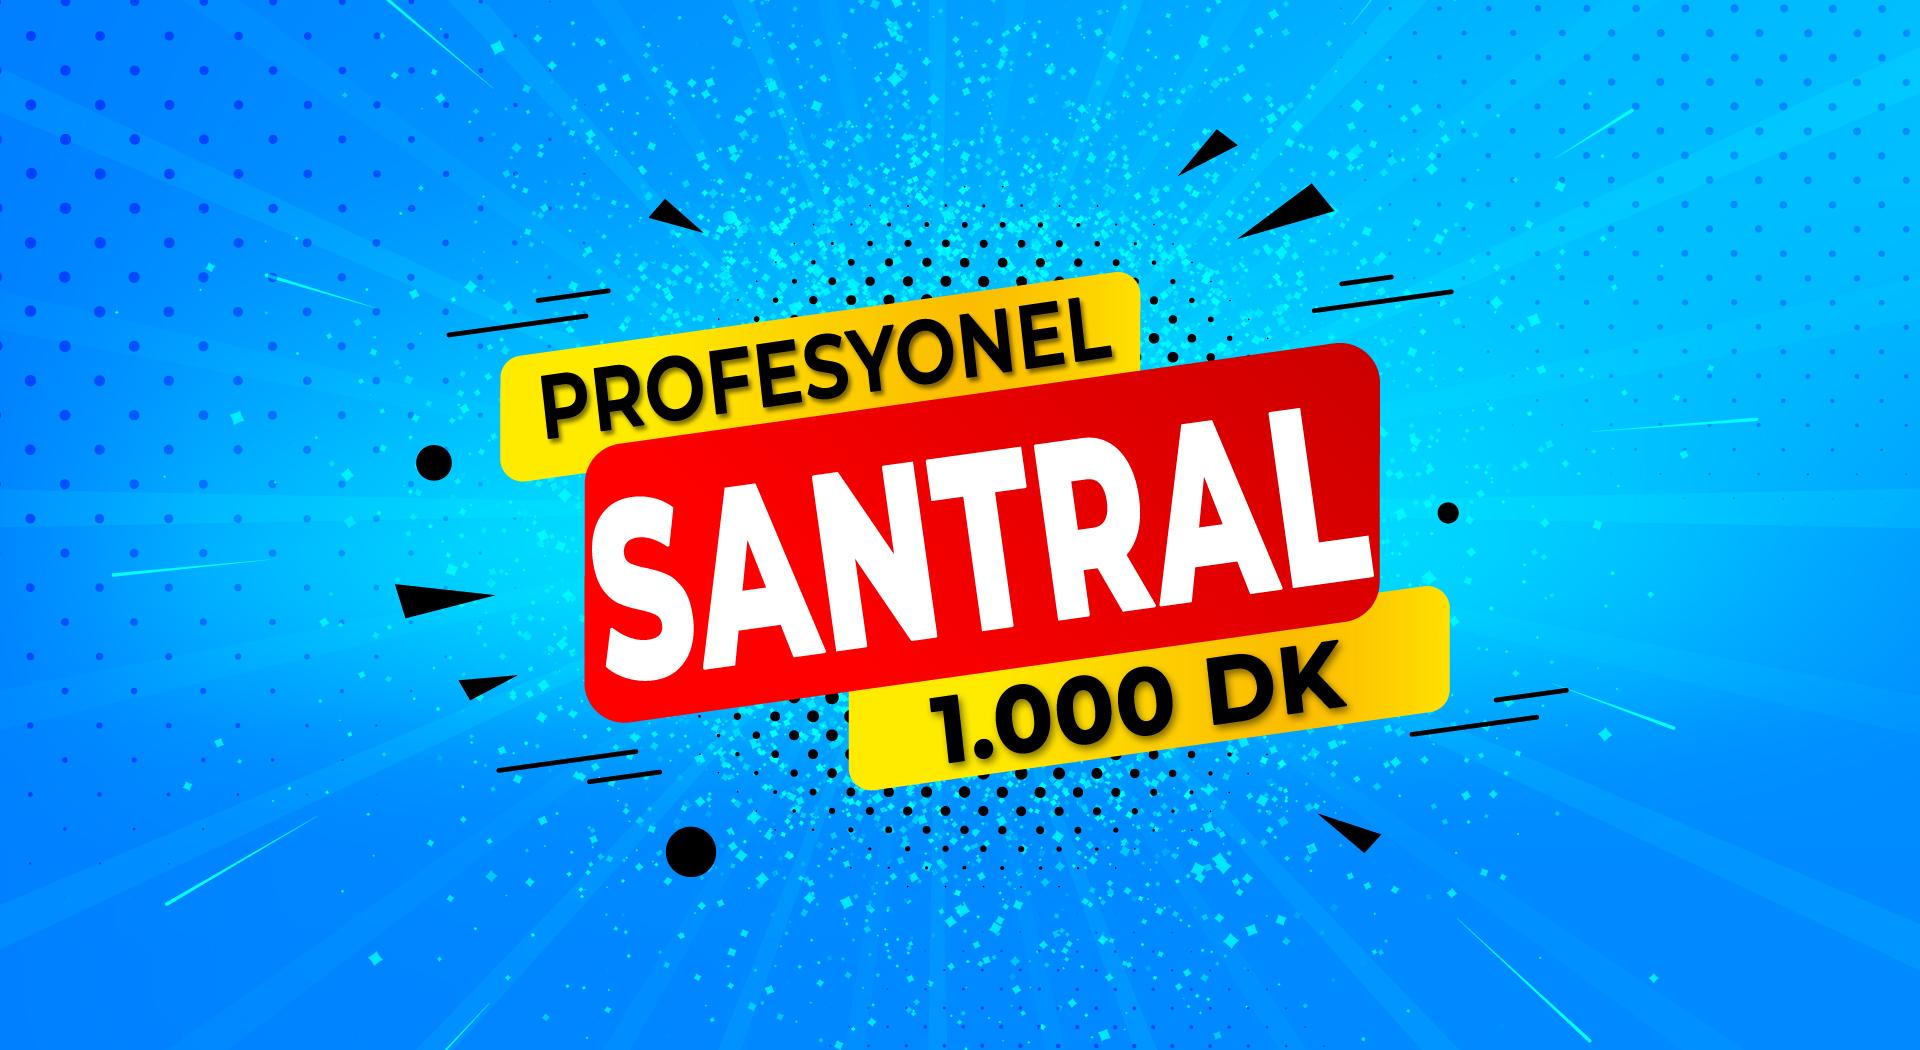 Profesyonel Santral + Her Yöne 1.000 DK